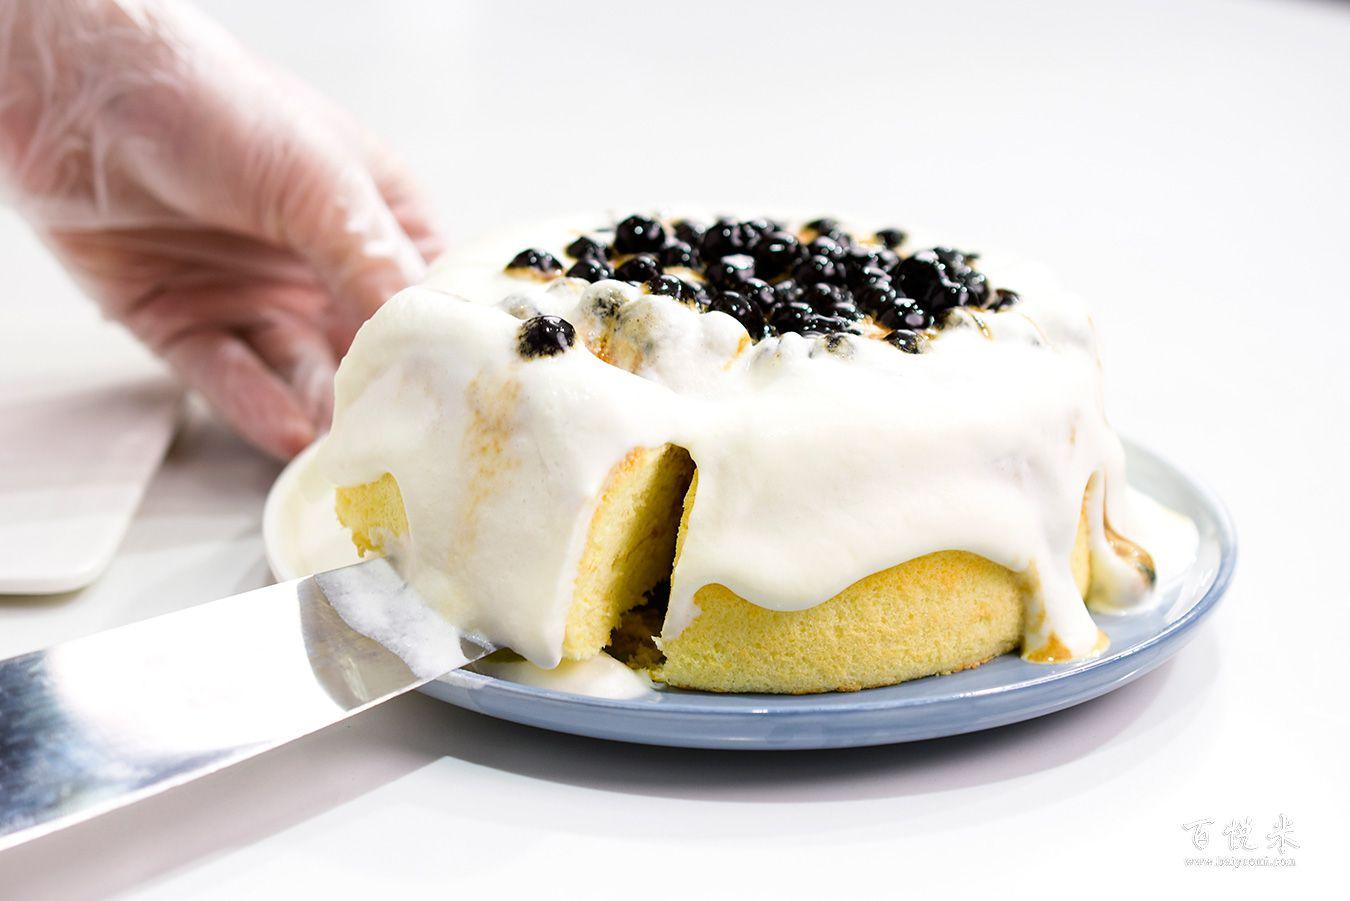 珍珠奶茶云朵蛋糕高清图片大全【蛋糕图片】_877